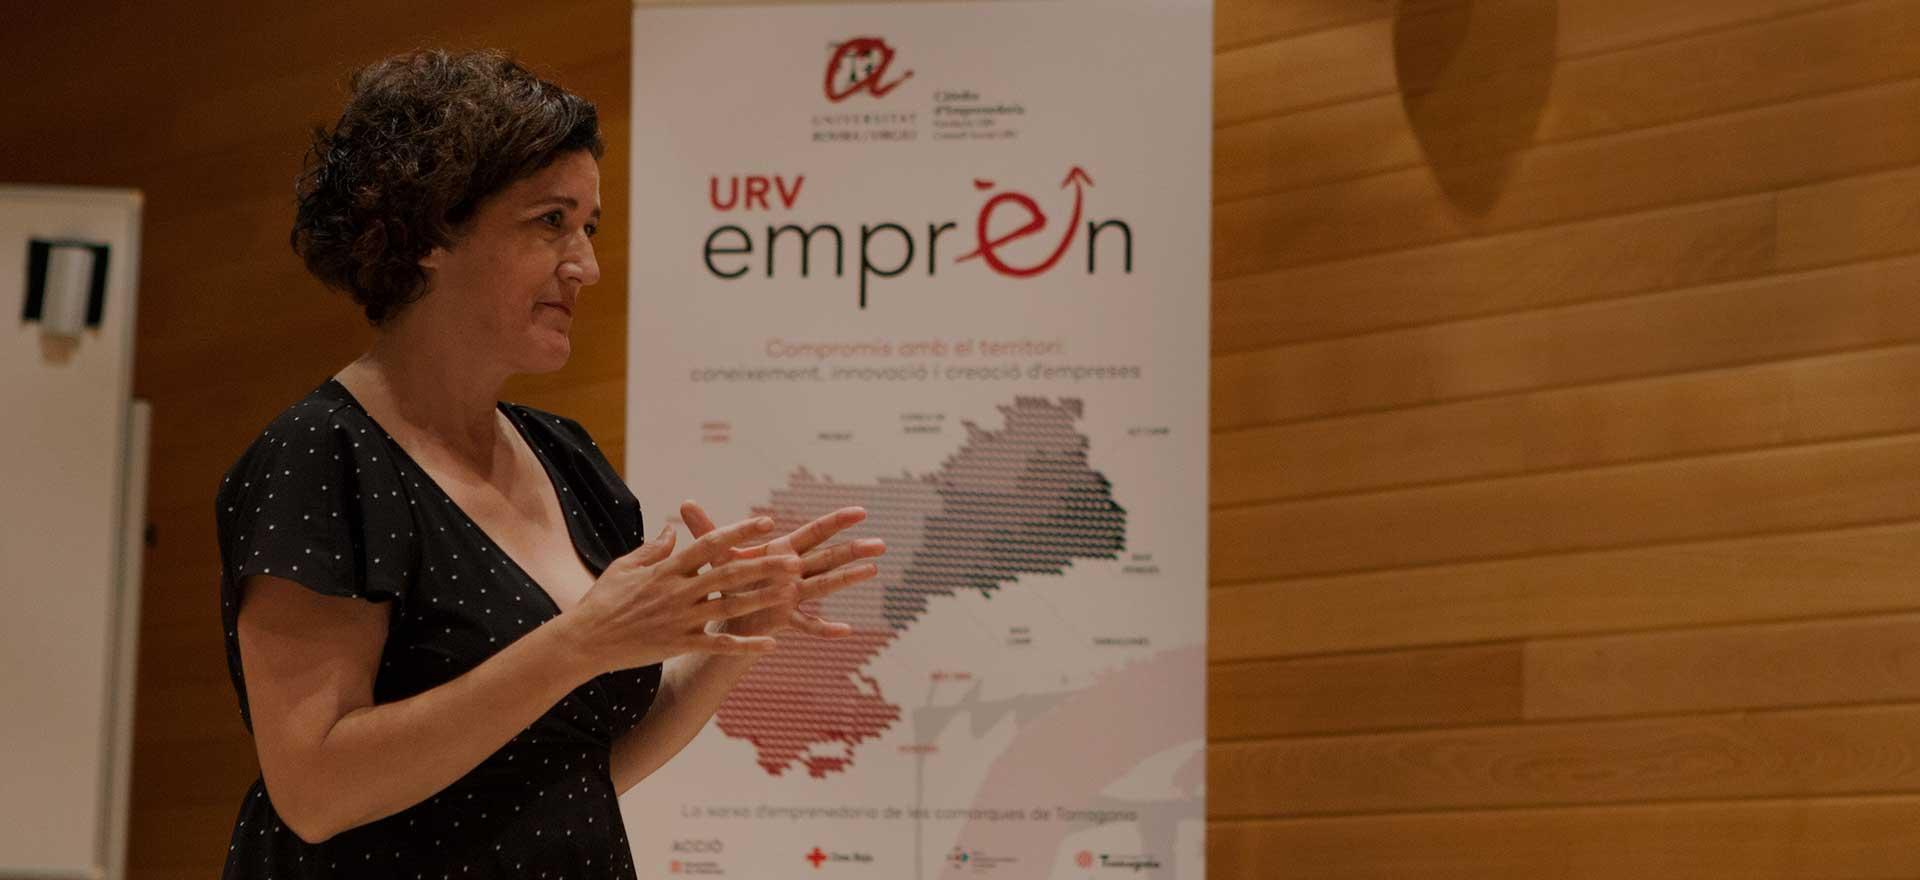 URV Emprèn xarxa d'emprenedoria de Tarragona Reus Terres de l'Ebre i El Vendrell